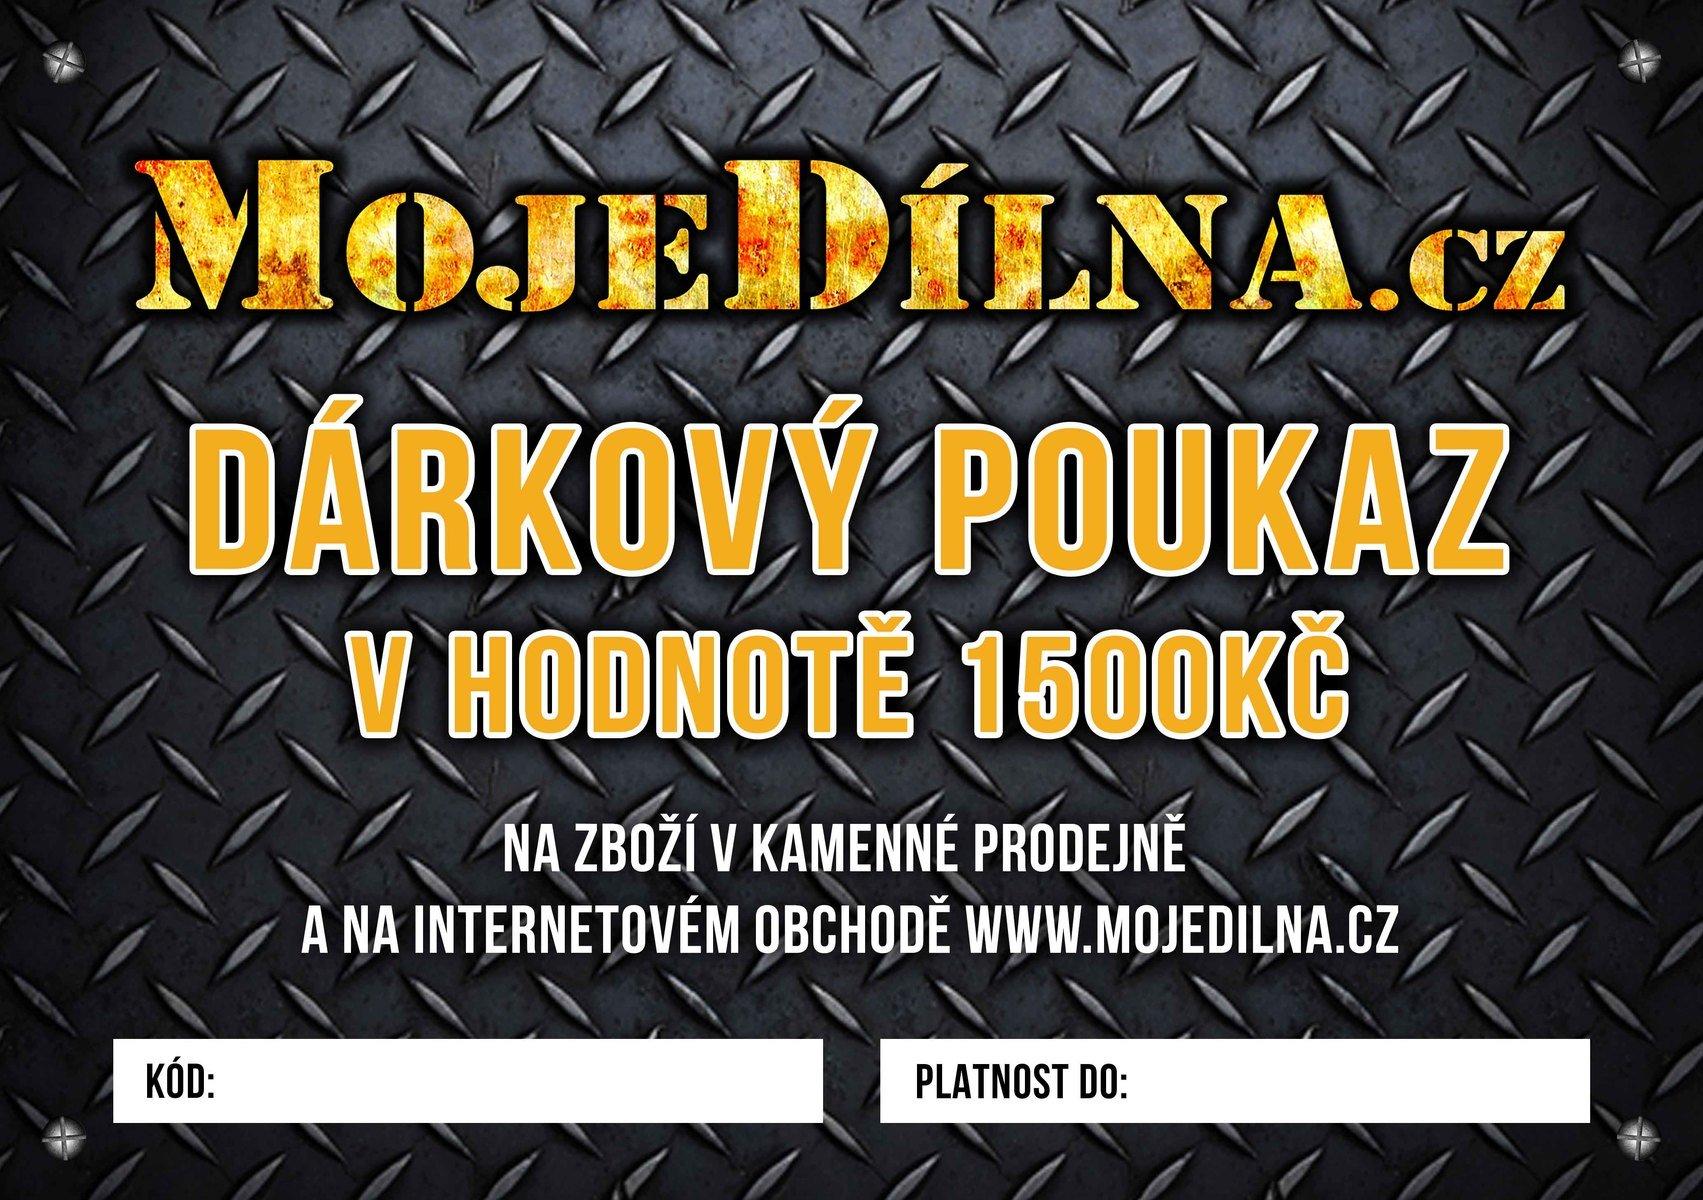 Dárkový poukaz MojeDílna.cz v hodnotě 1500 Kč